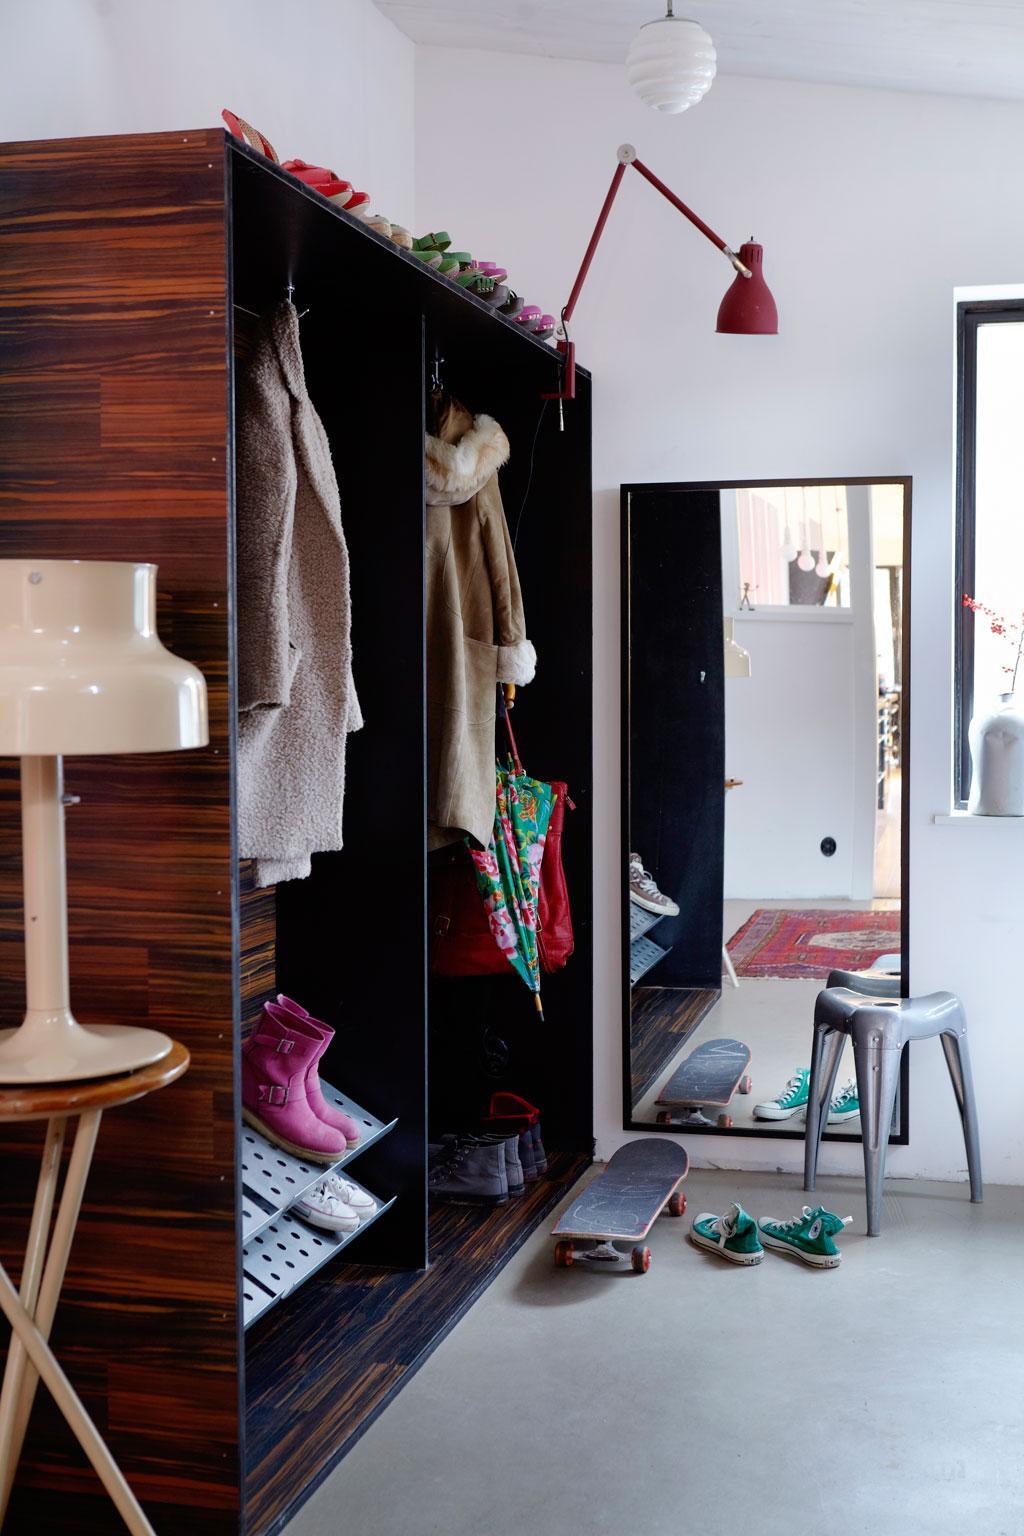 Loppisprylarna f̴r nytt liv hemma hos Maria och Stefan РHus & Hem